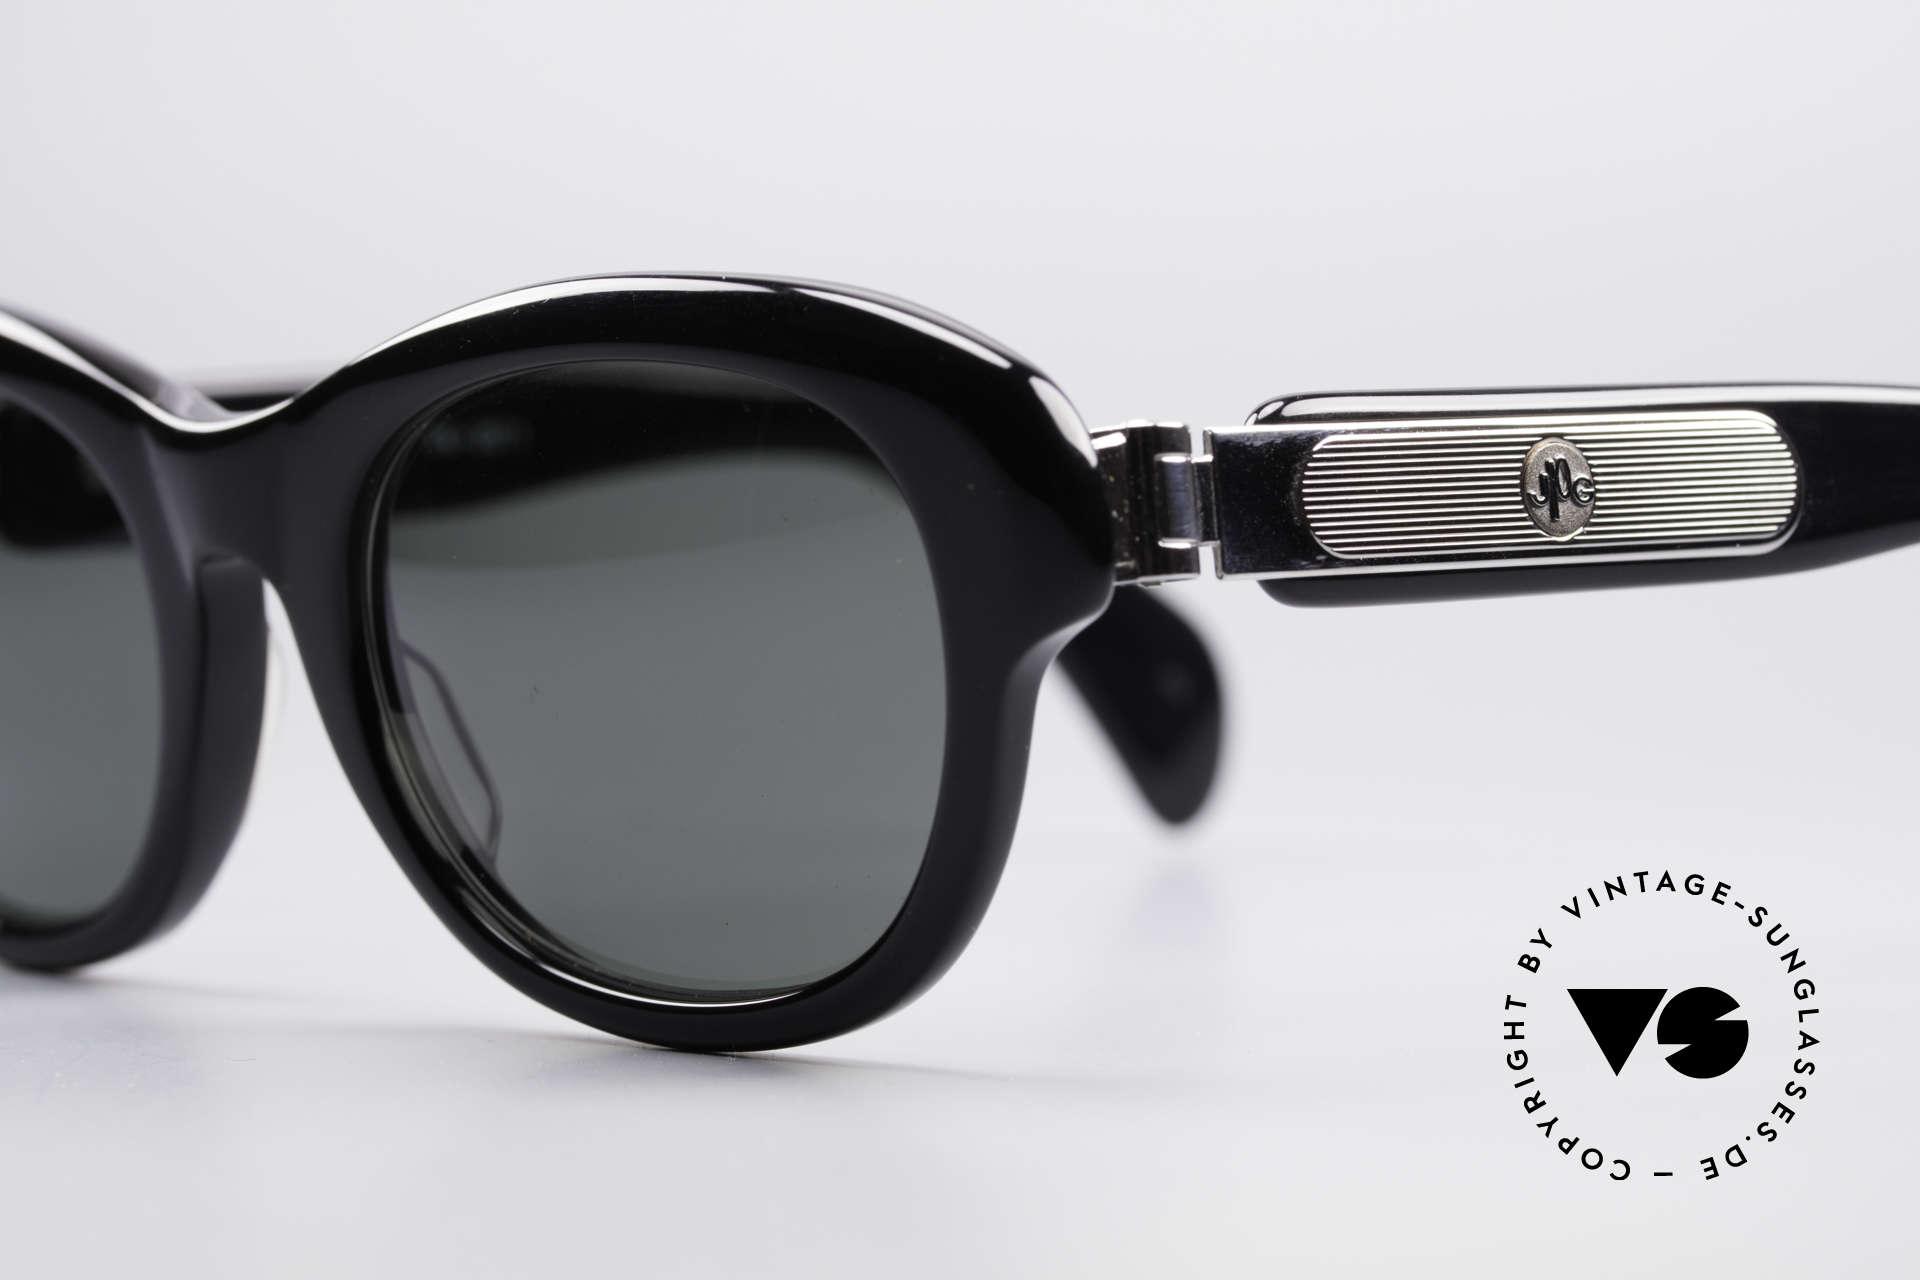 Jean Paul Gaultier 56-2071 No Retro True Vintage Brille, monumental - (scheinbar für die Ewigkeit gemacht), Passend für Damen